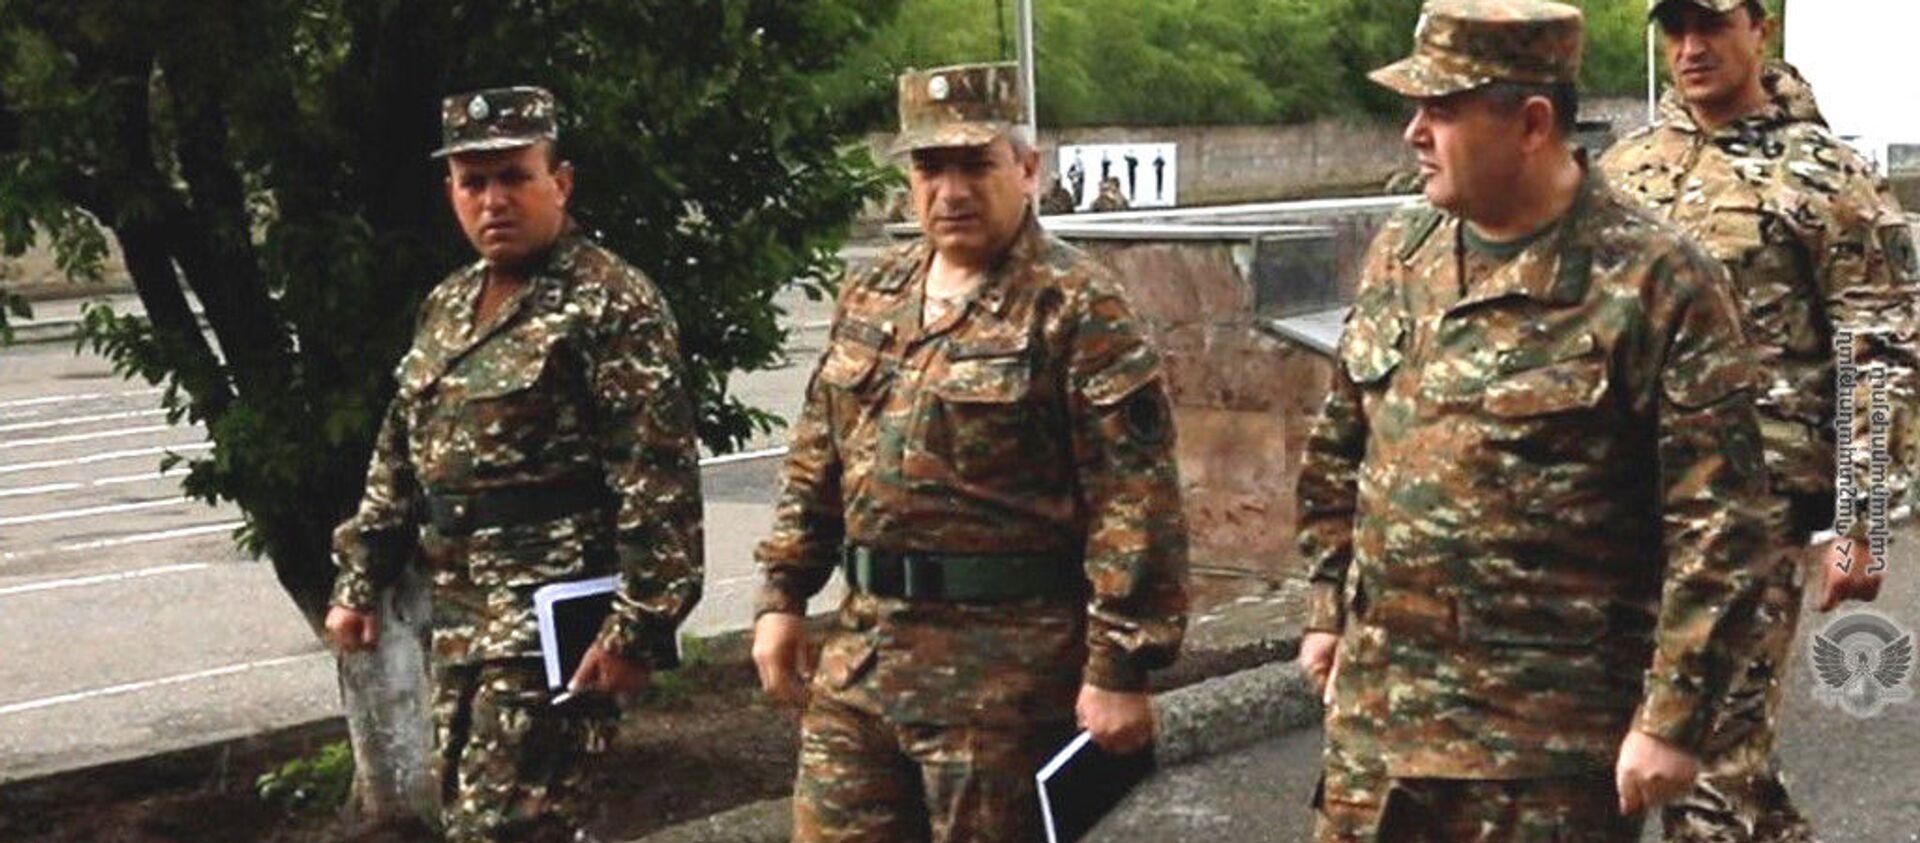 Глава Генштаба ВС РА генерал-лейтенант Артак Давтян с рабочим визитом посетил воинские части (7 мая 2921) - Sputnik Армения, 1920, 07.05.2021